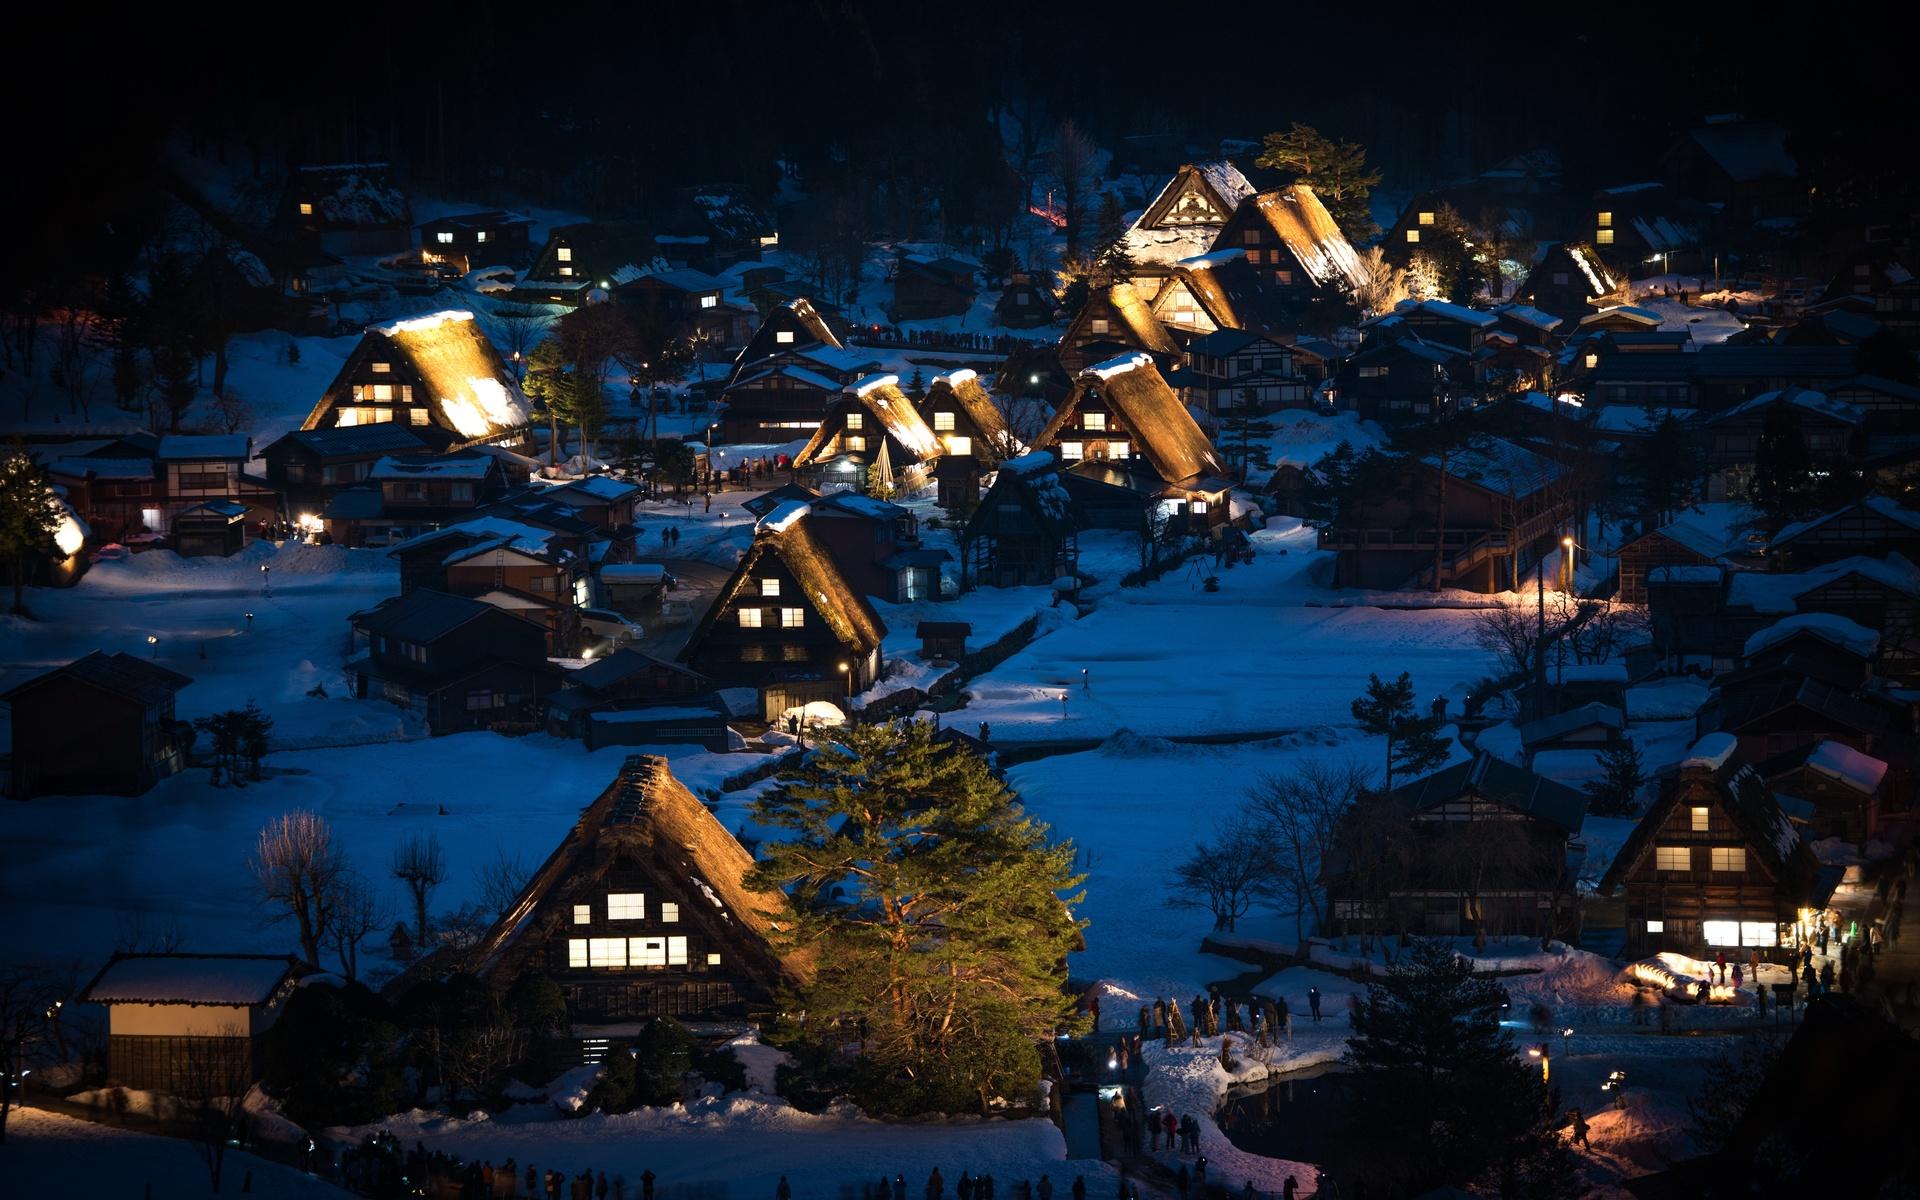 Япония, дома, shirakawa-go, honshu, деревня, ночь, деревья